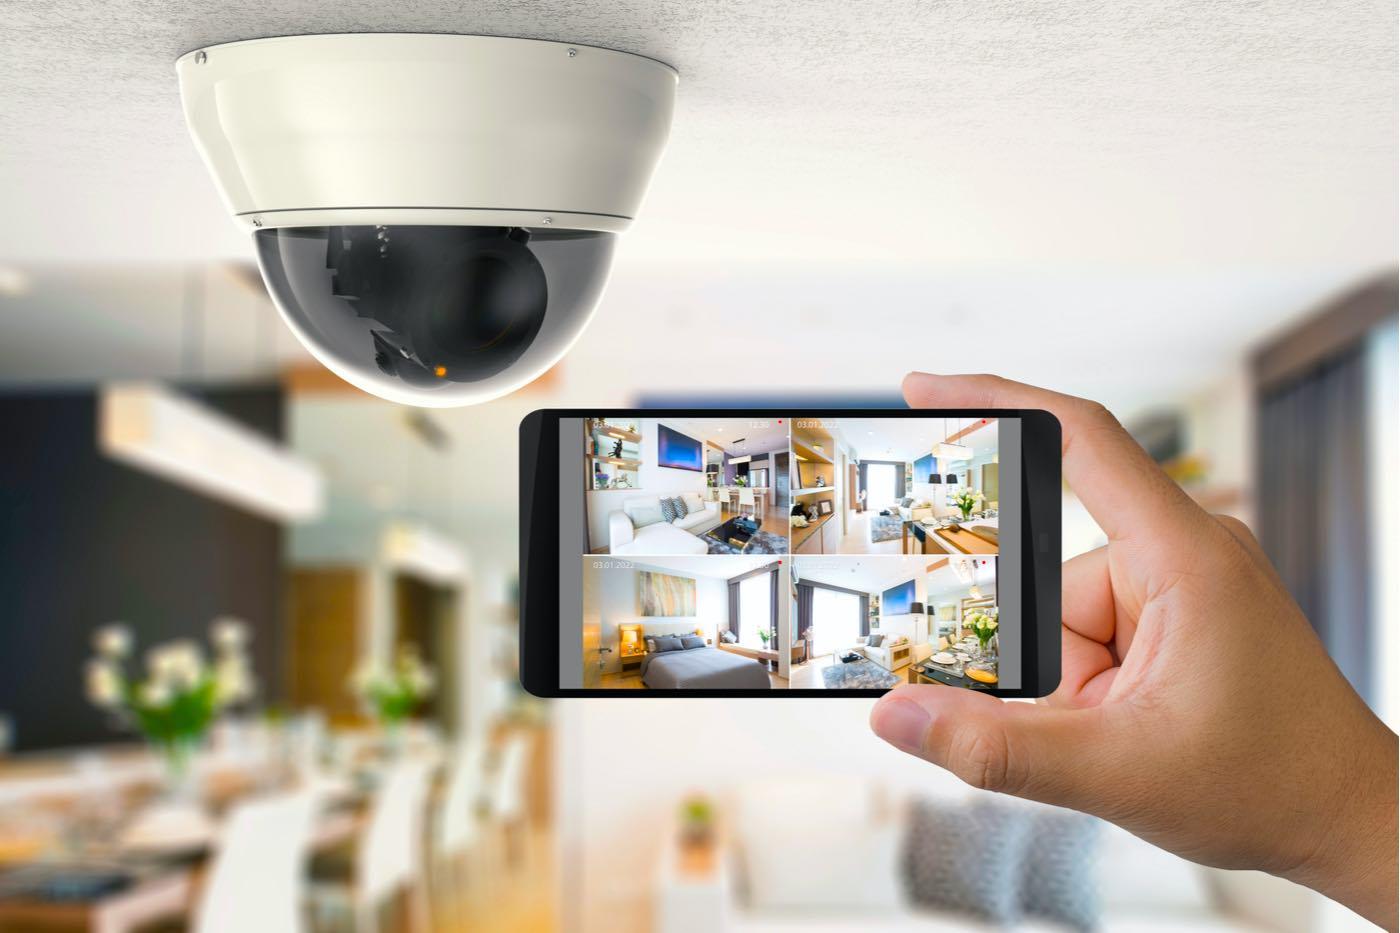 Las 10 mejores cámaras de seguridad a la venta en Amazon